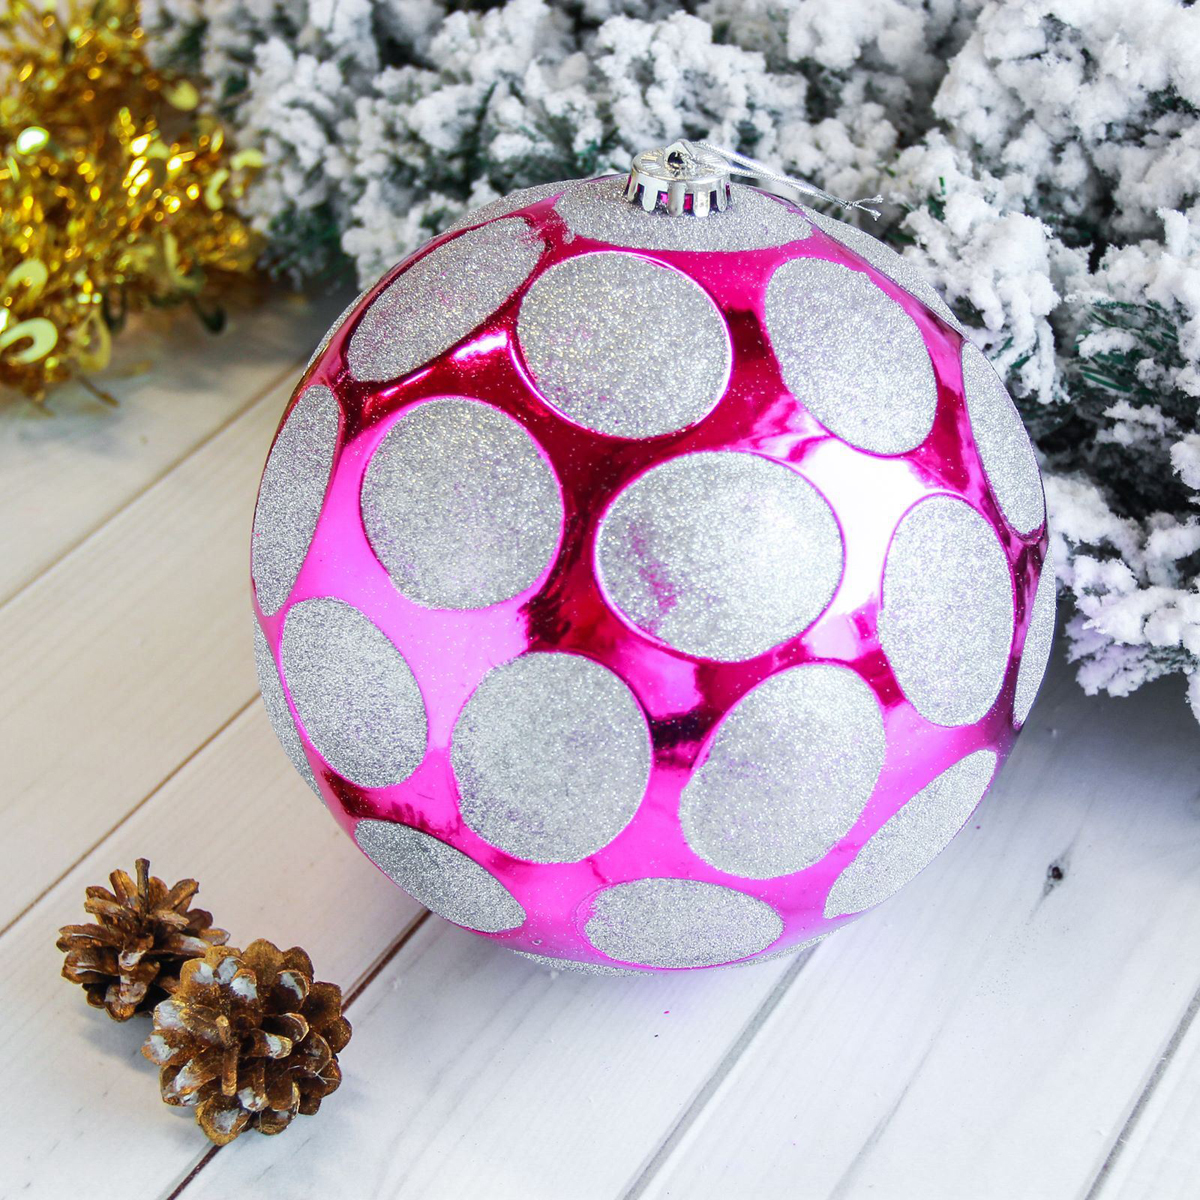 Новогоднее подвесное украшение Sima-land Мега. Горох, диаметр 20 см2122923Новогоднее подвесное украшение Sima-land отлично подойдет для декорации вашего дома и новогодней ели. Новогоднее украшение можно повесить в любом понравившемся вам месте. Но, конечно, удачнее всего оно будет смотреться на праздничной елке.Елочная игрушка - символ Нового года. Она несет в себе волшебство и красоту праздника. Такое украшение создаст в вашем доме атмосферу праздника, веселья и радости.